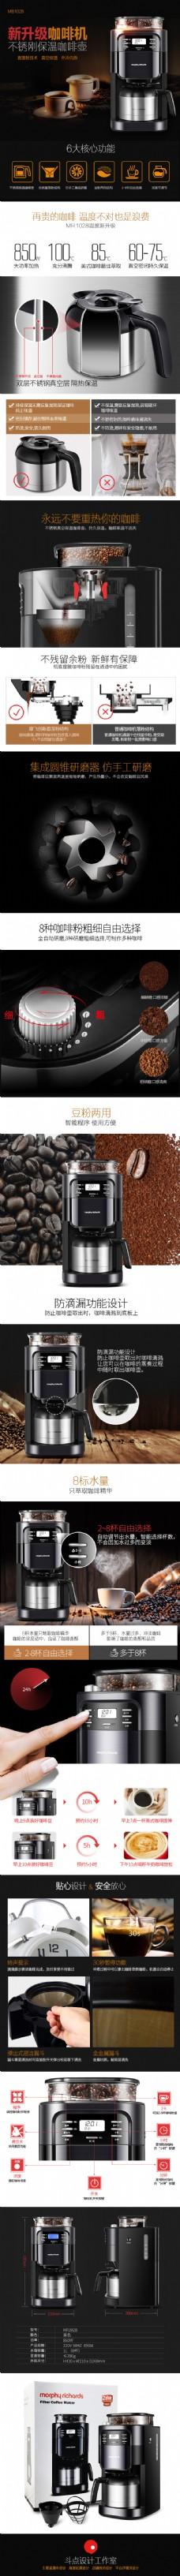 咖啡机淘宝详情页